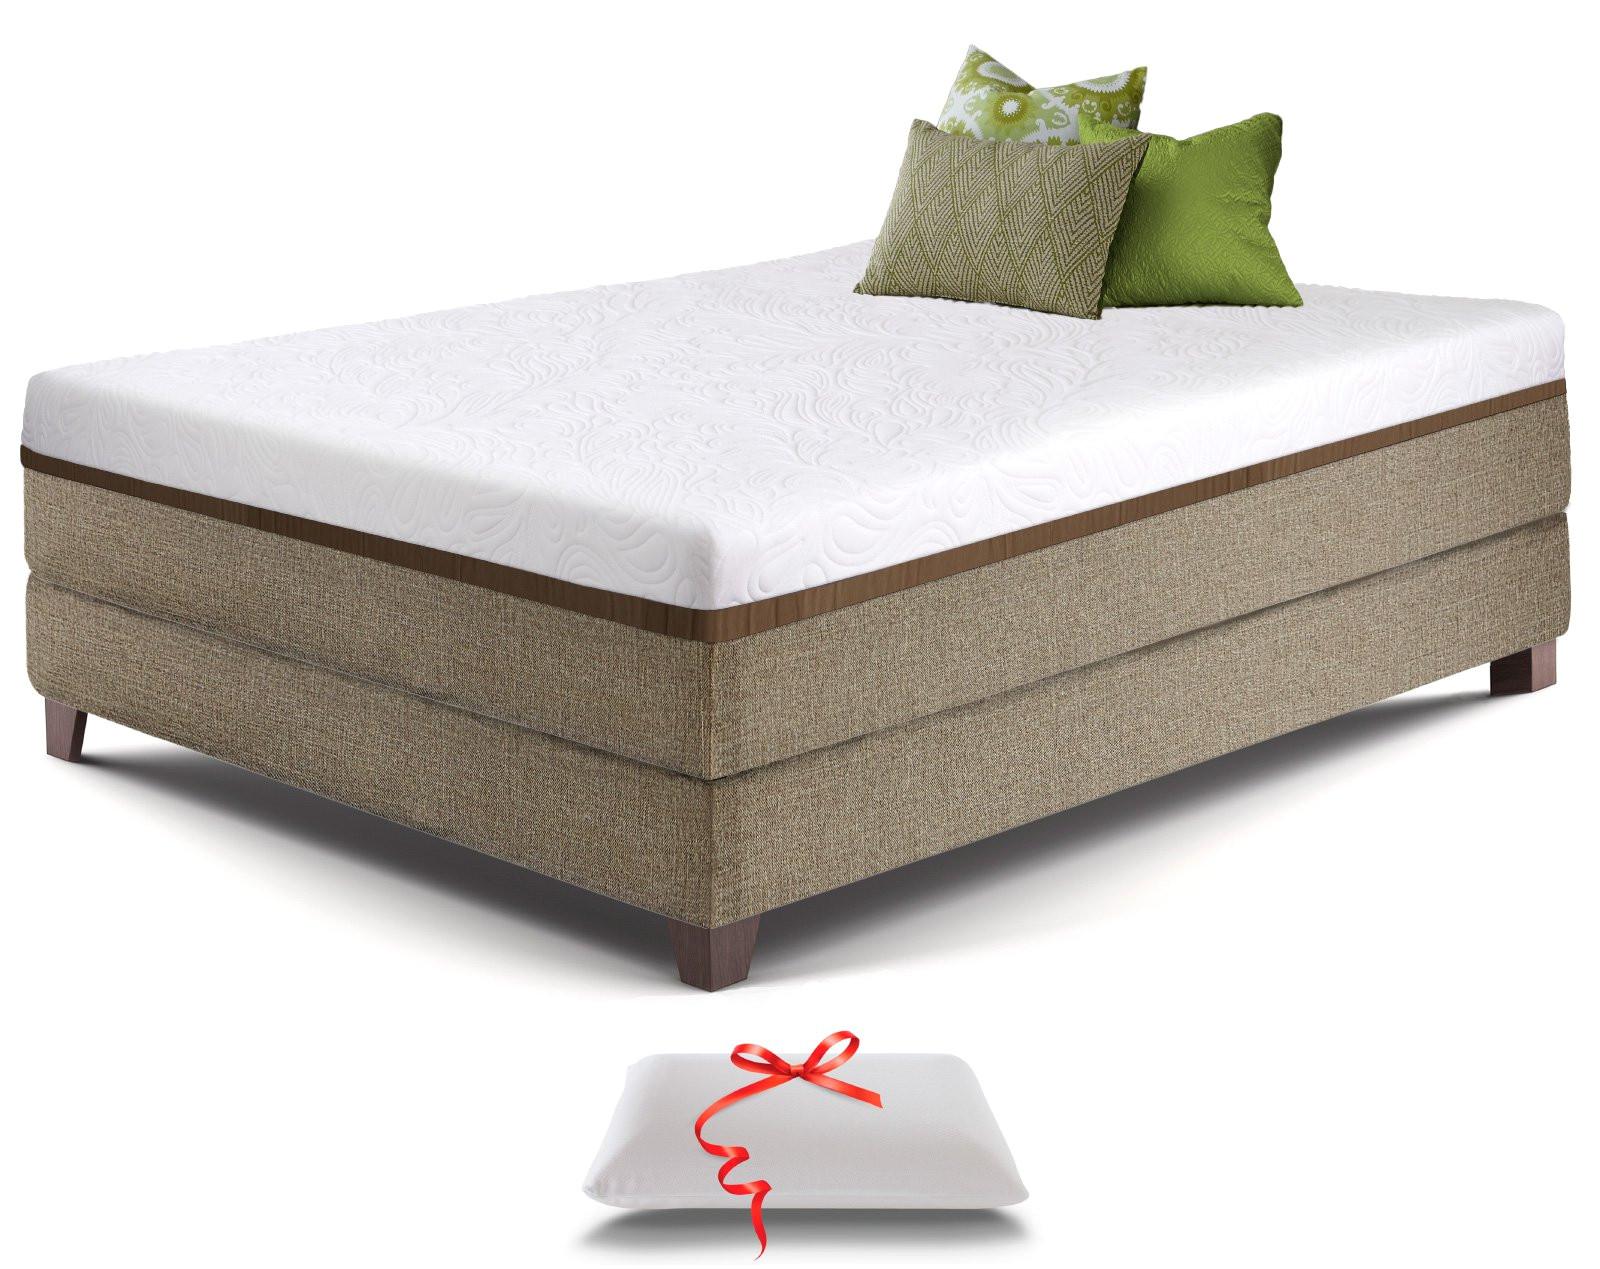 How Much Does A Queen Size Memory Foam Mattress Weigh Amazon Com Live Sleep Ultra Queen Mattress Gel Memory Foam